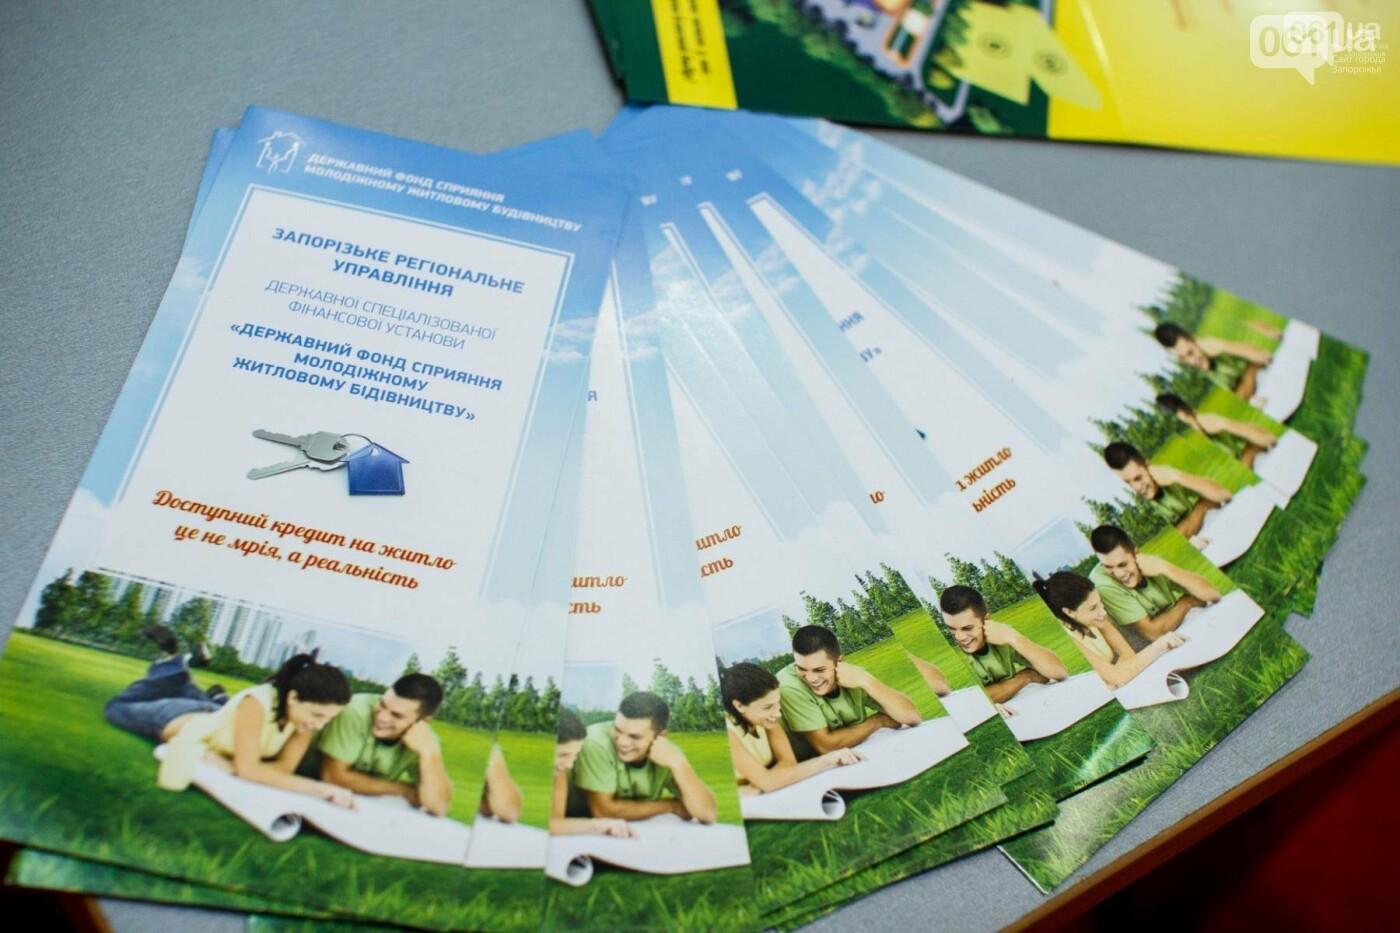 «Домик твоей мечты»: Запорожский домостроительный комбинат вместе с Фондом молодежного строительства объявляет конкурс детского рисунка, фото-3